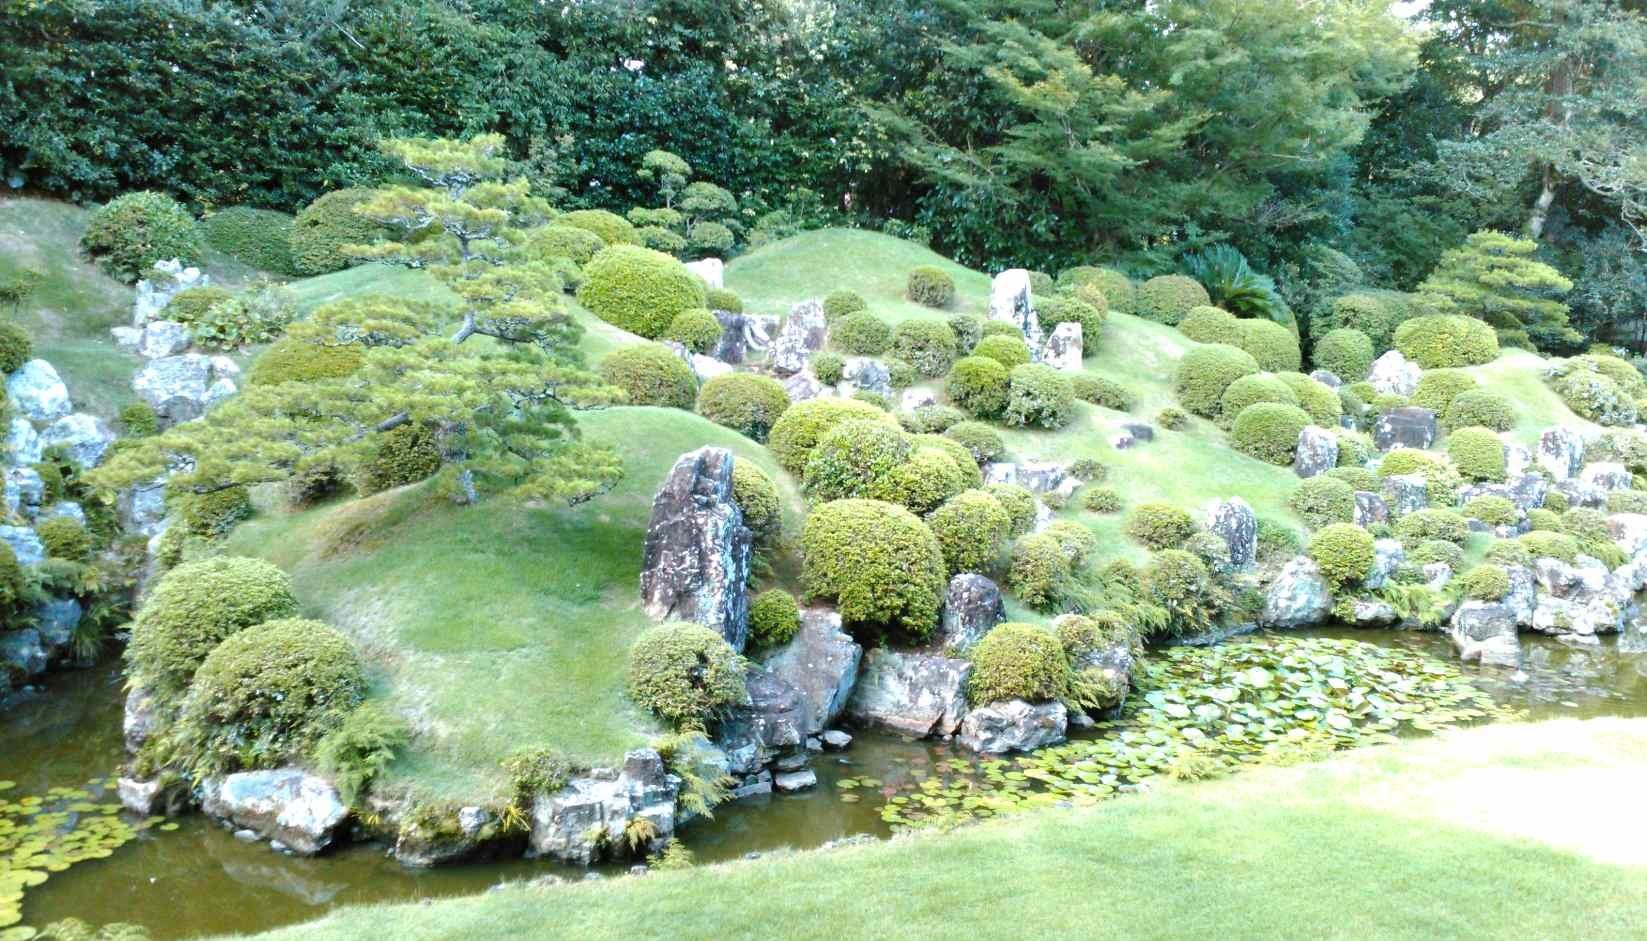 気賀を訪ねて 浜松市 龍潭寺(りょうたんじ) _c0157866_16074486.jpg